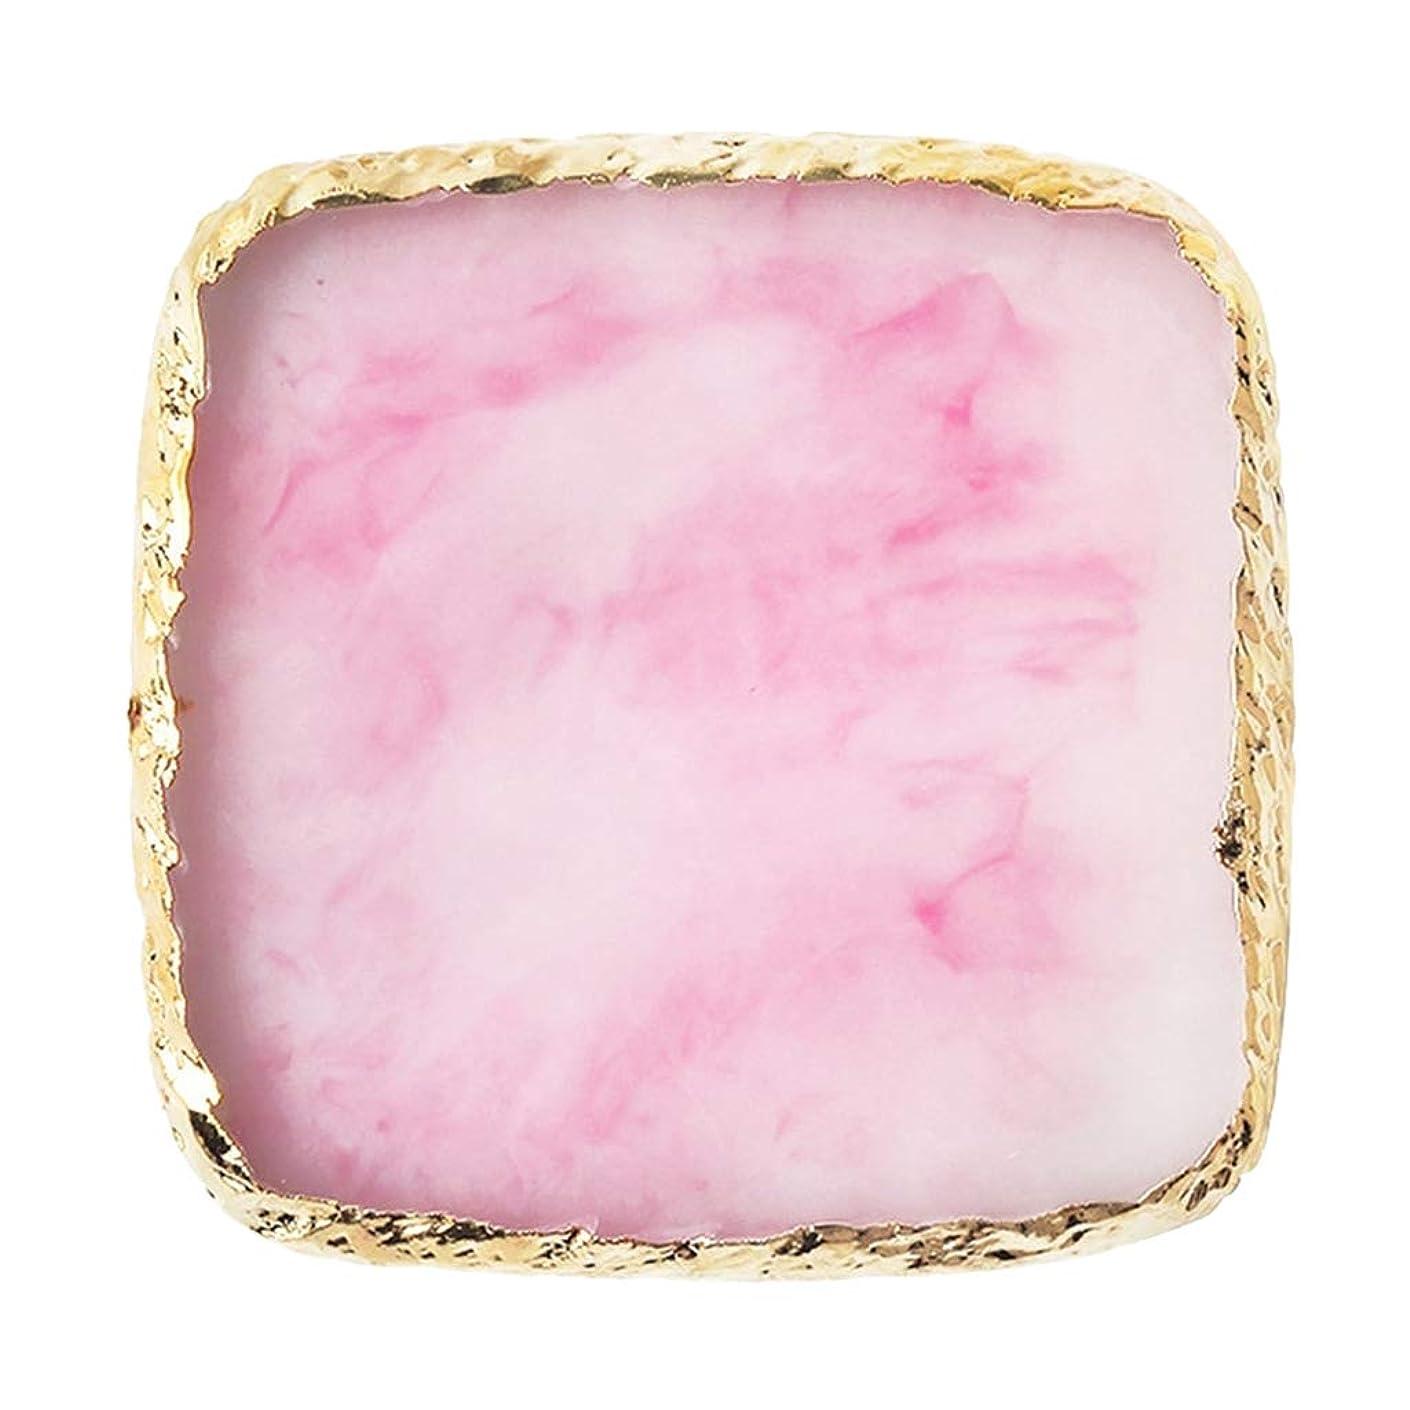 なぜホイッスル労働B Blesiya ネイルアート カラーブレンド ミキシングパレット ゴールドエッジ スクエア型 6色選べ - ピンク